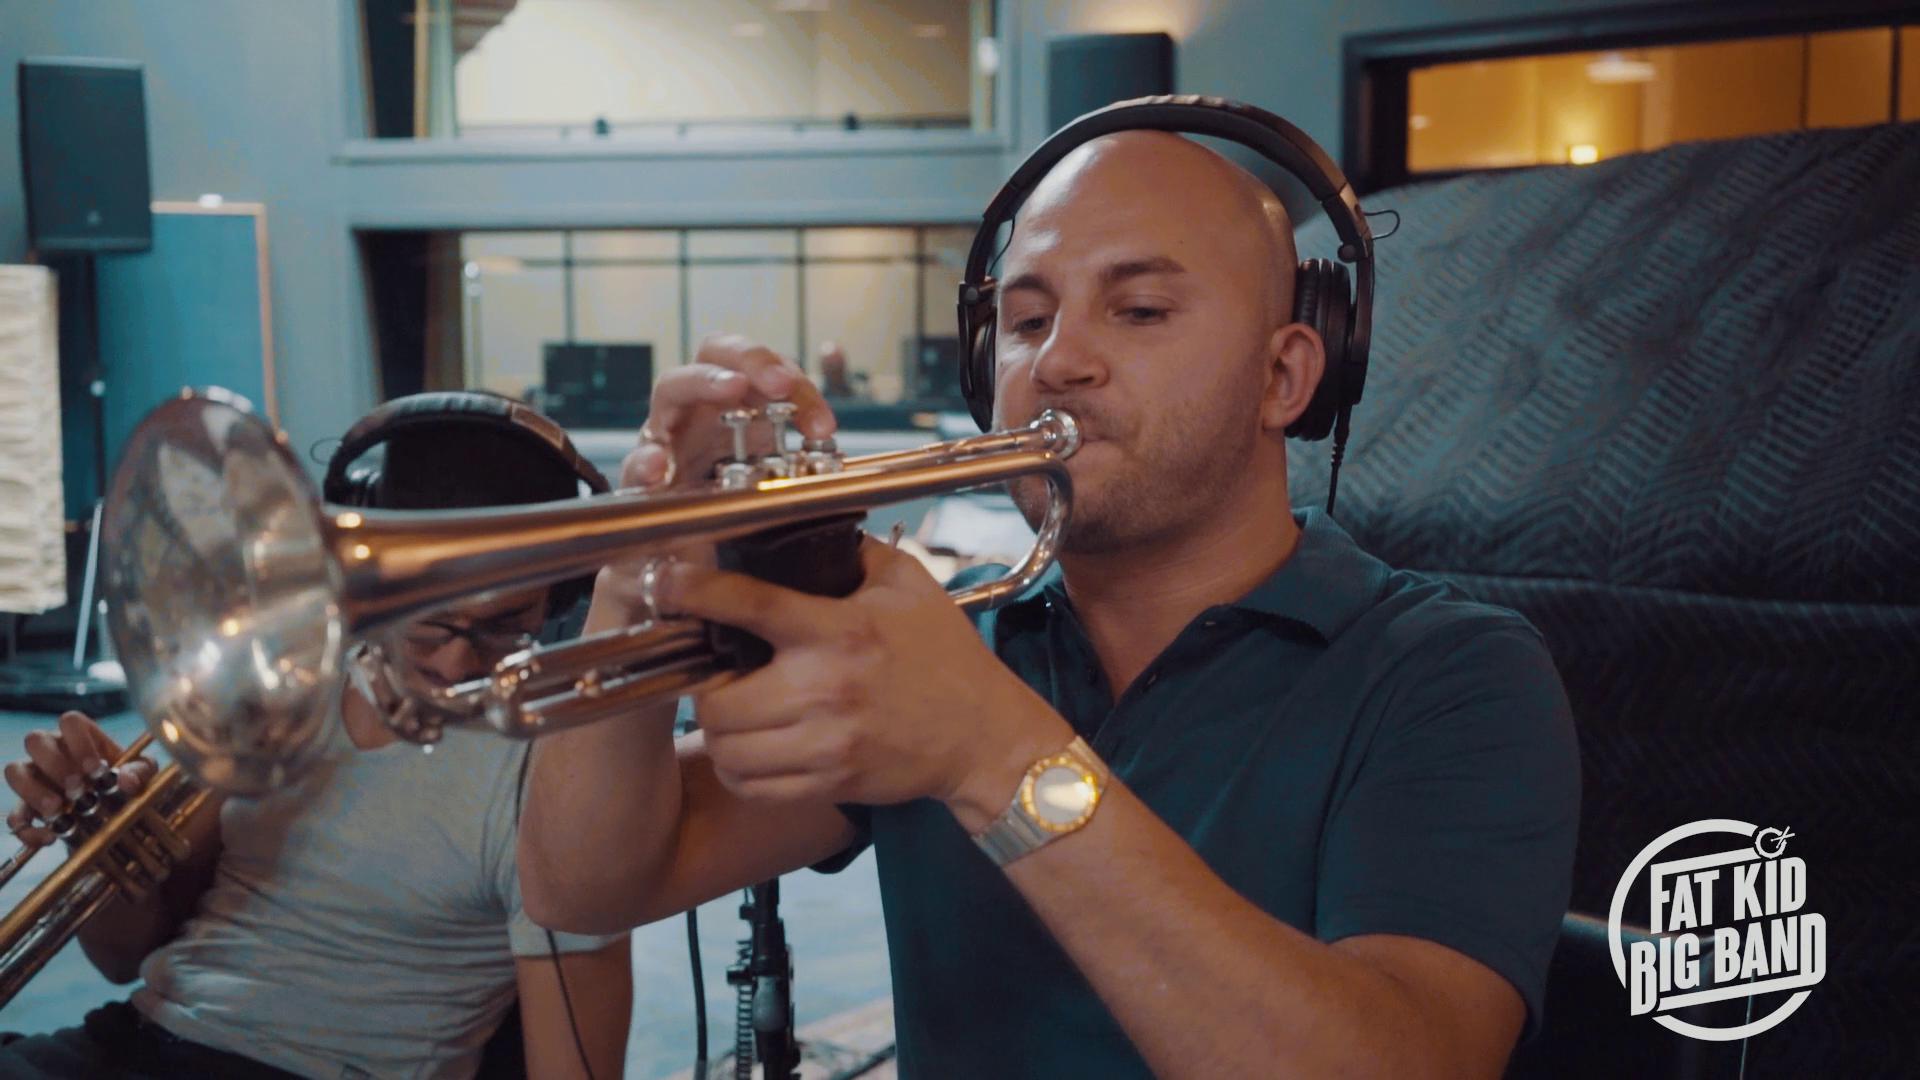 Fréd- lead trumpet